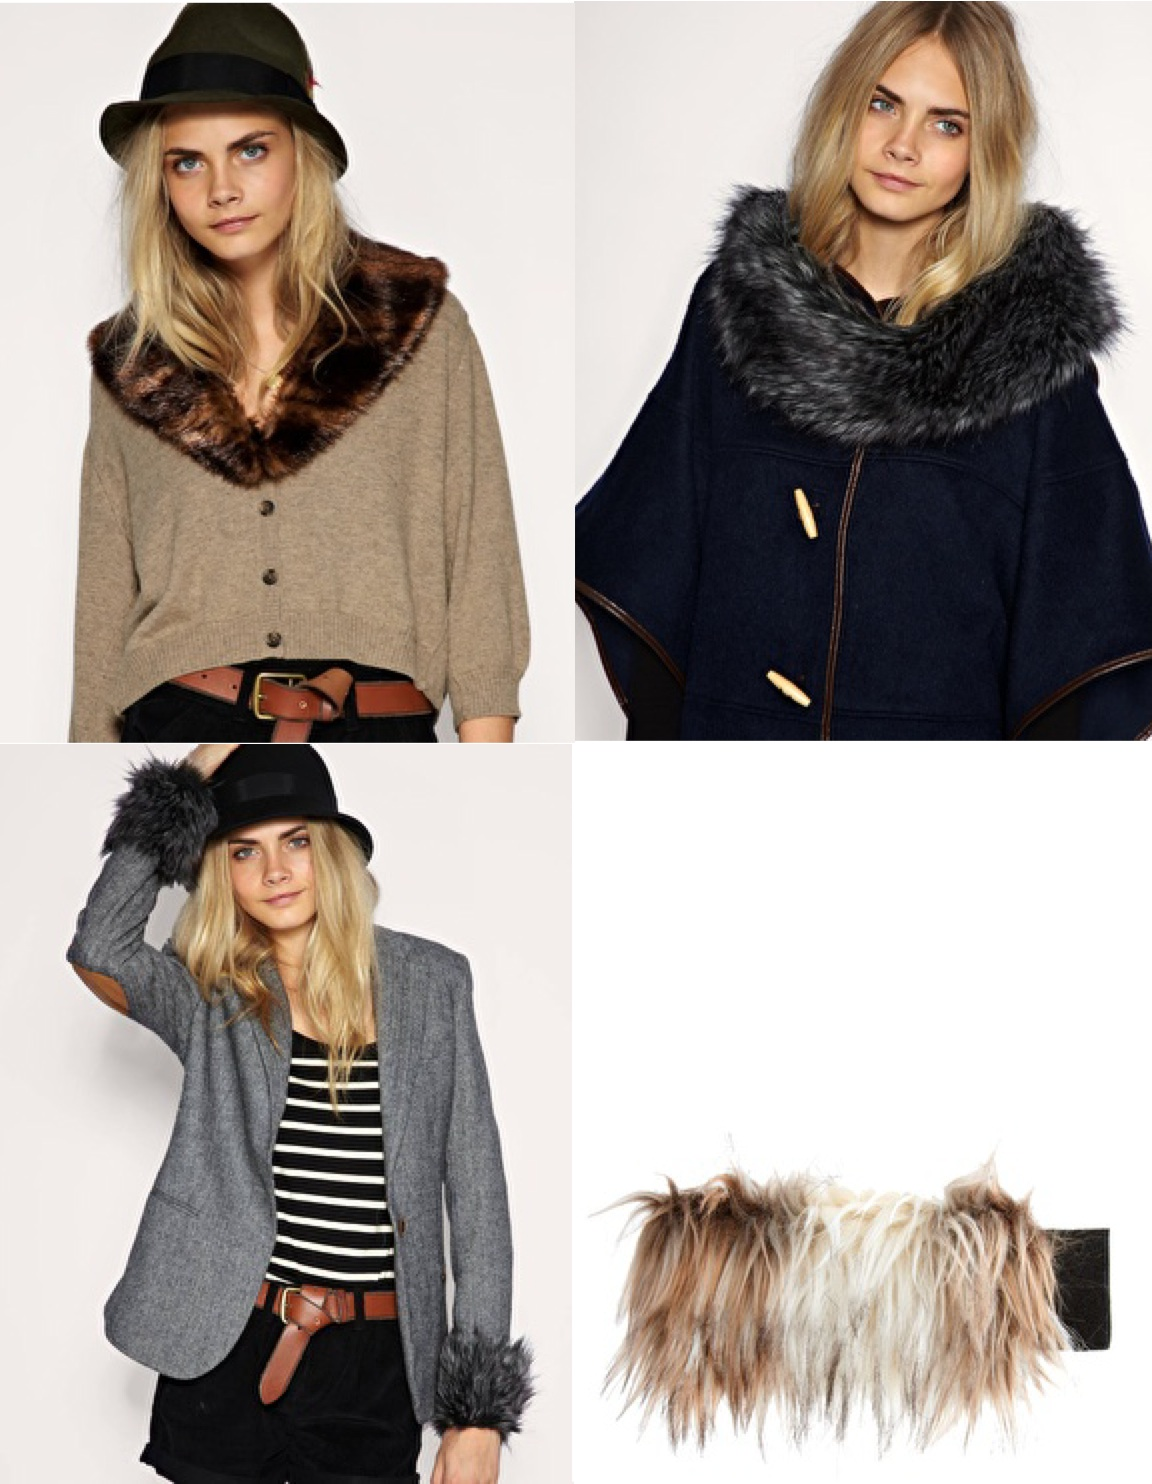 http://3.bp.blogspot.com/_PfmV3qvy8FY/TRK15CcHfKI/AAAAAAAAAlM/KSbxXdSOCAI/s1600/la+modella+mafia+gifts+asos+1.jpg